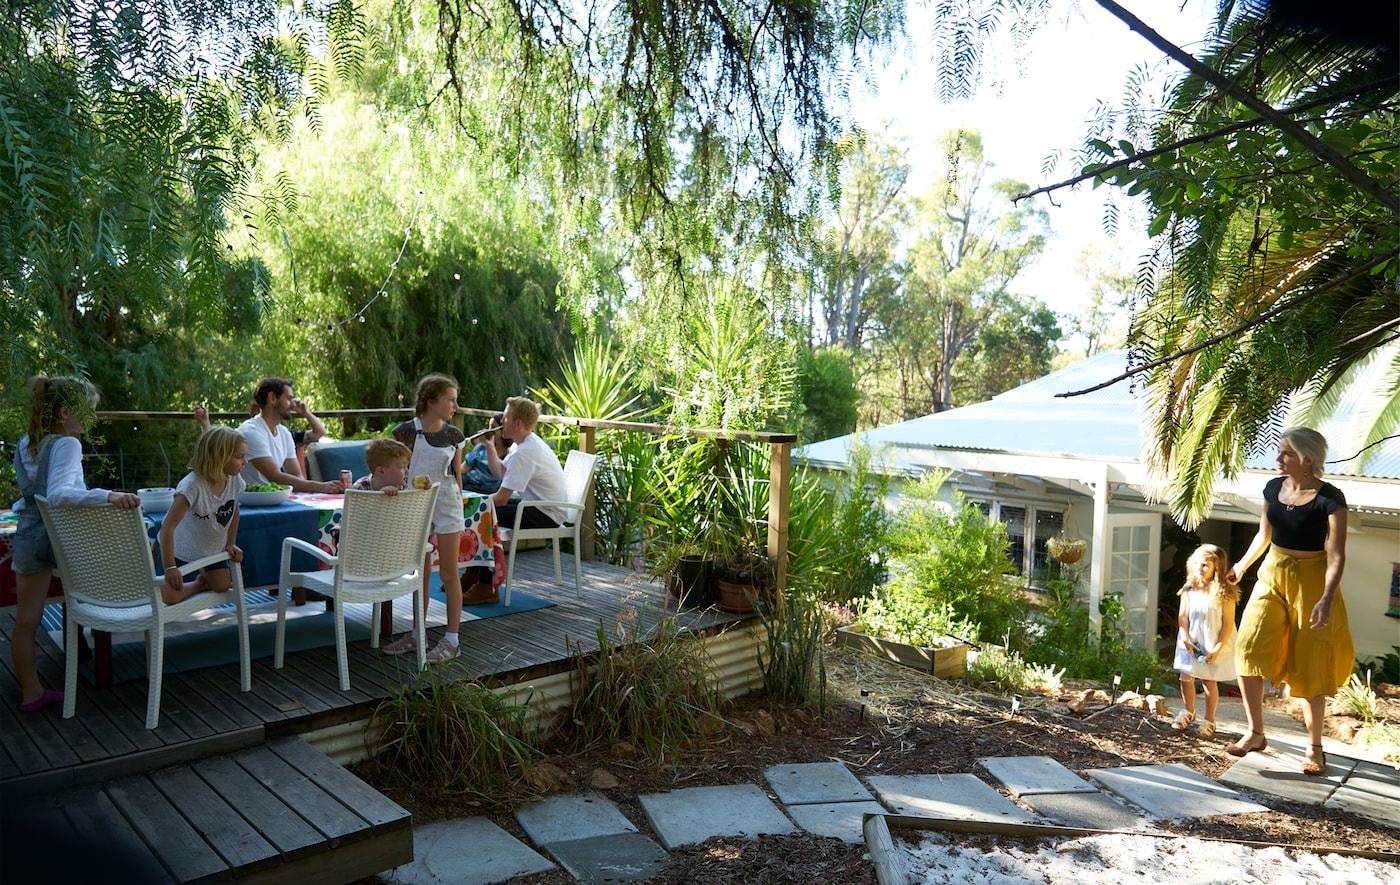 Grupo de pessoas sentadas à volta de uma mesa, num pátio elevado num jardim, com vegetação e caminho feito de lajes.